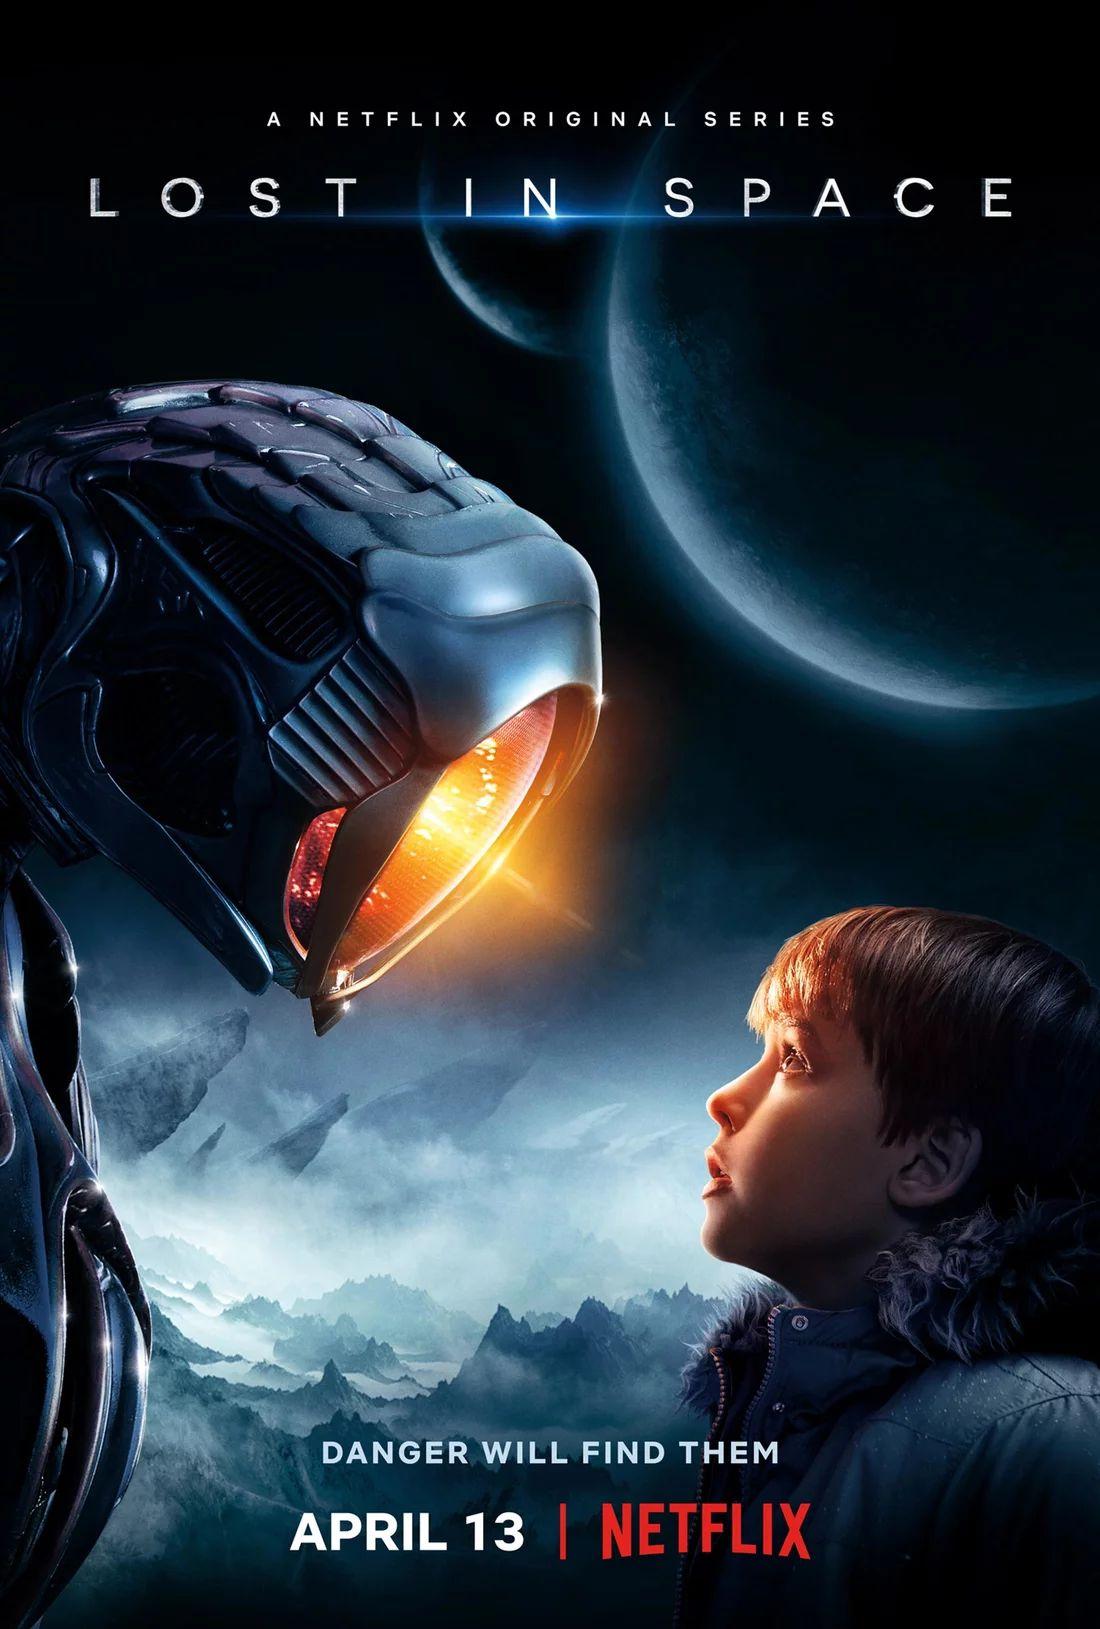 Alien Movies On Netflix Now